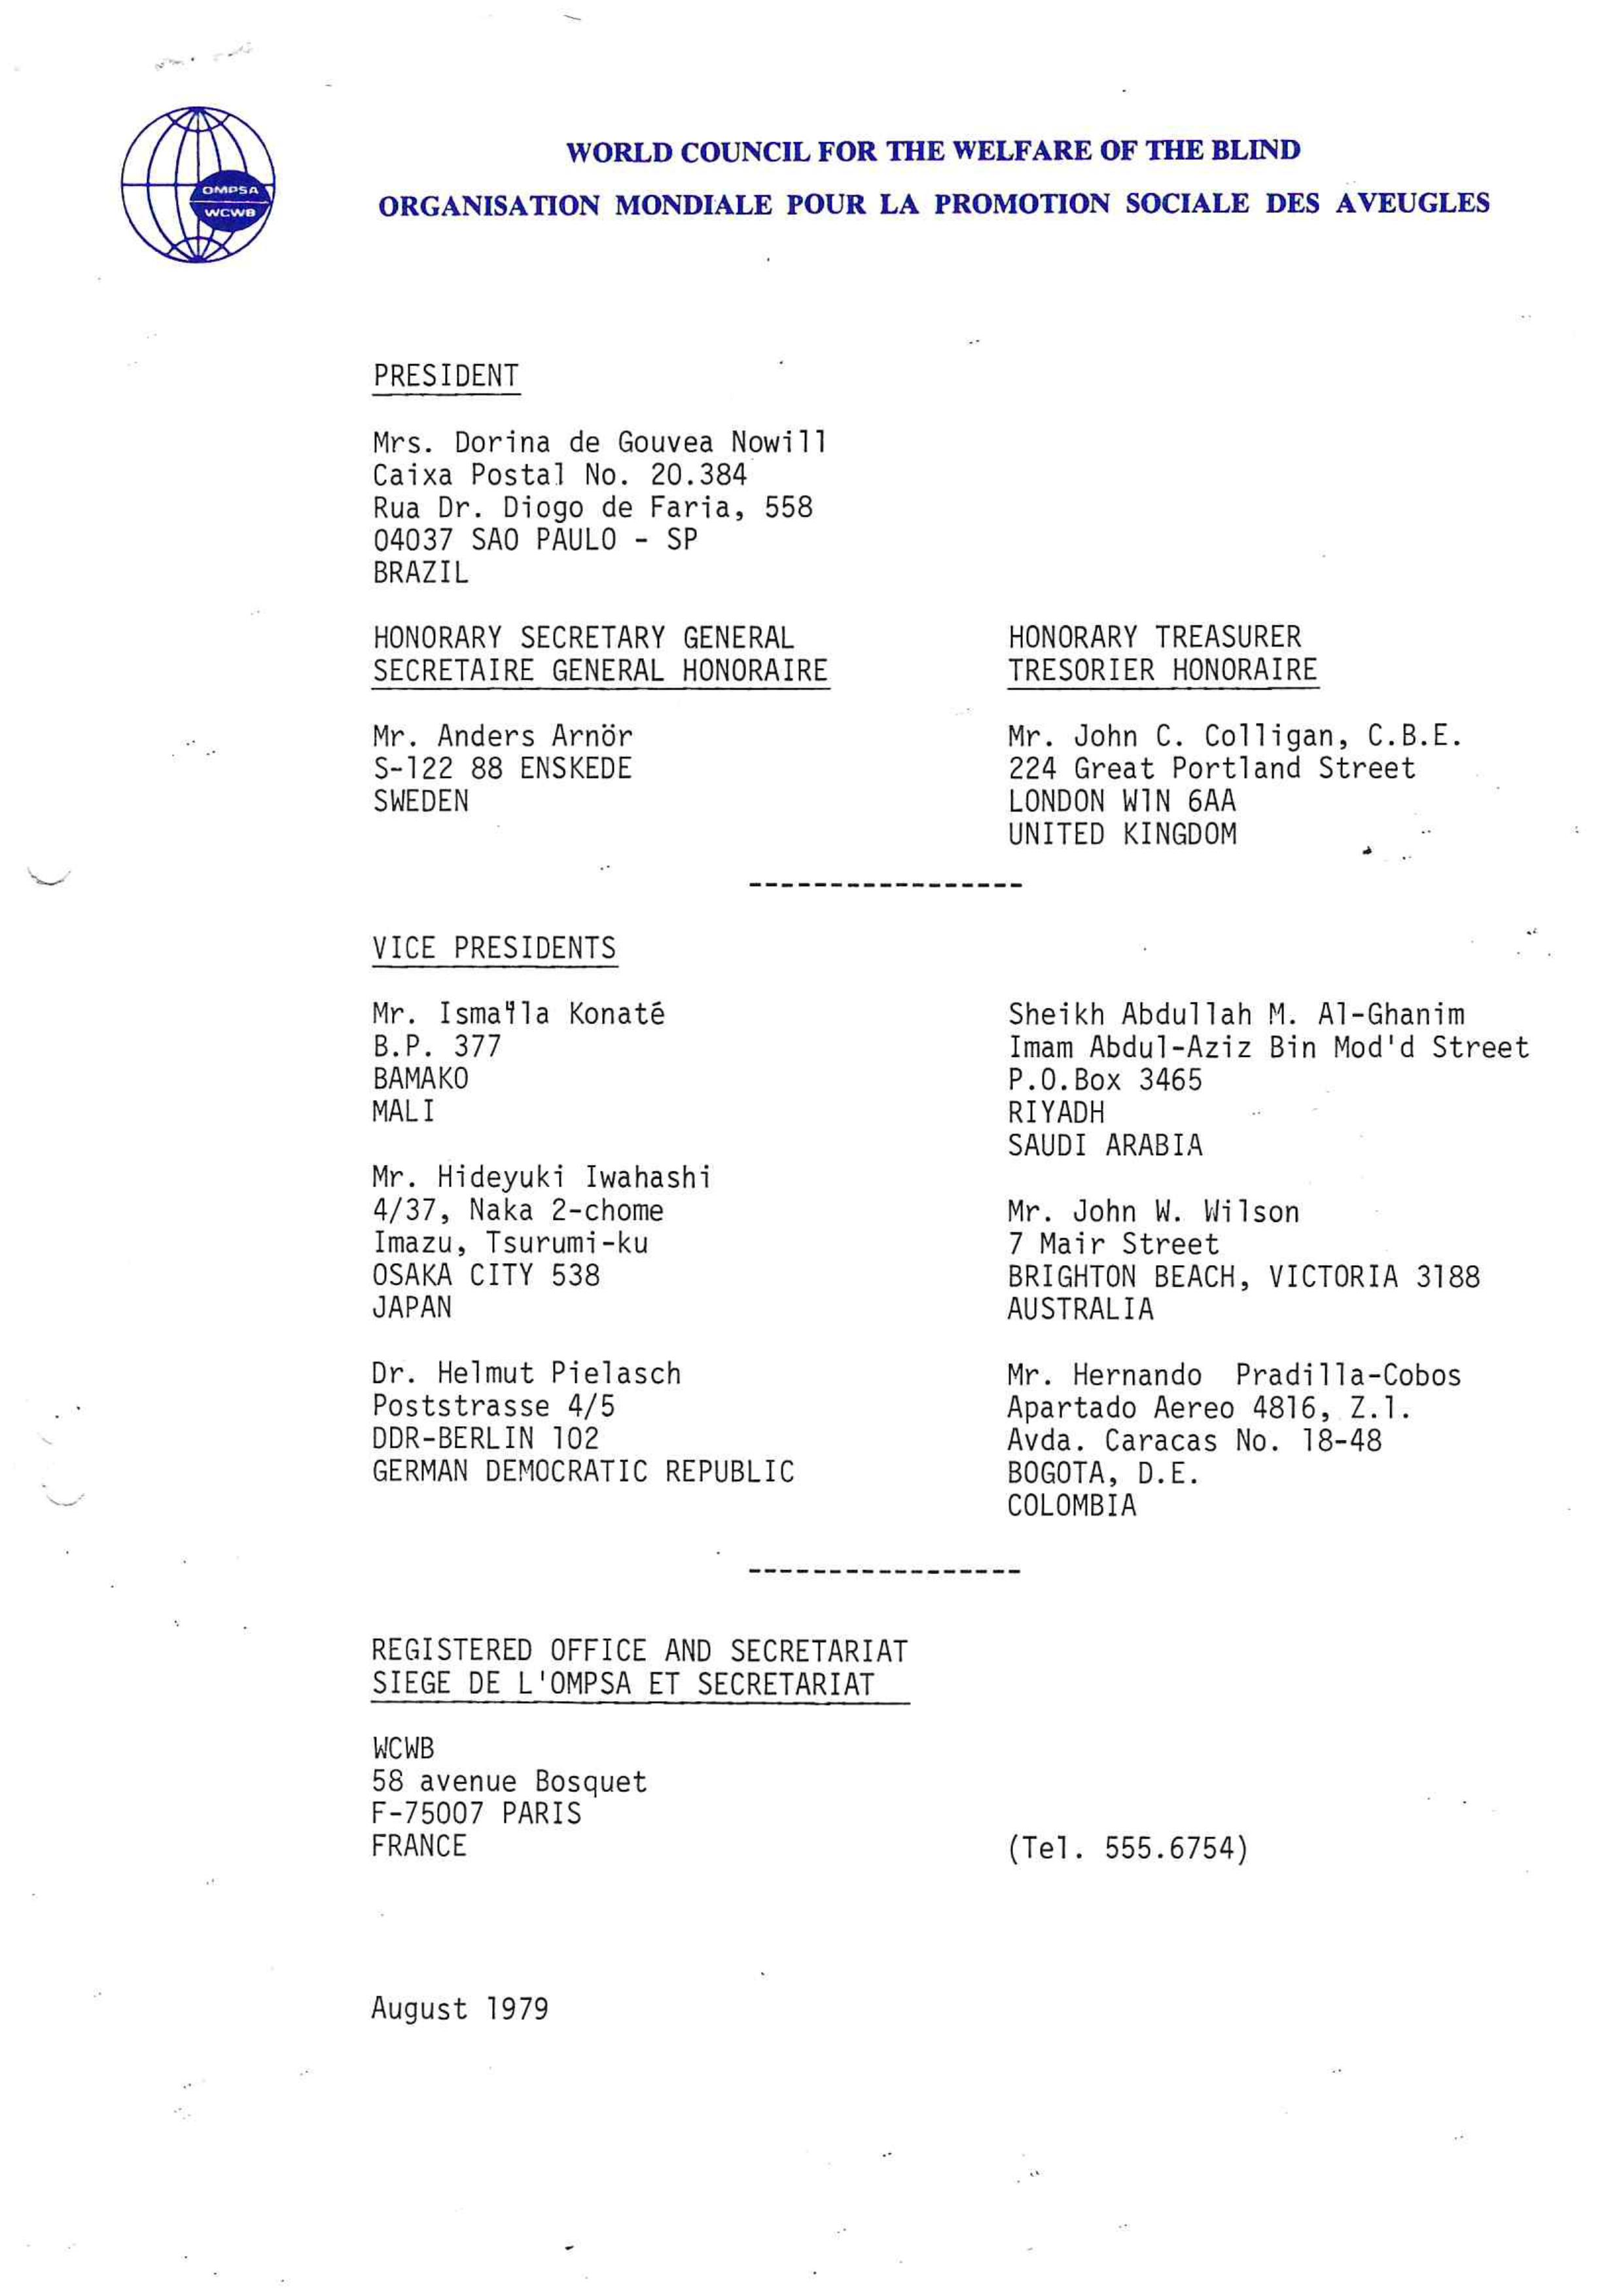 Foto do documento da eleição do Conselho Mundial